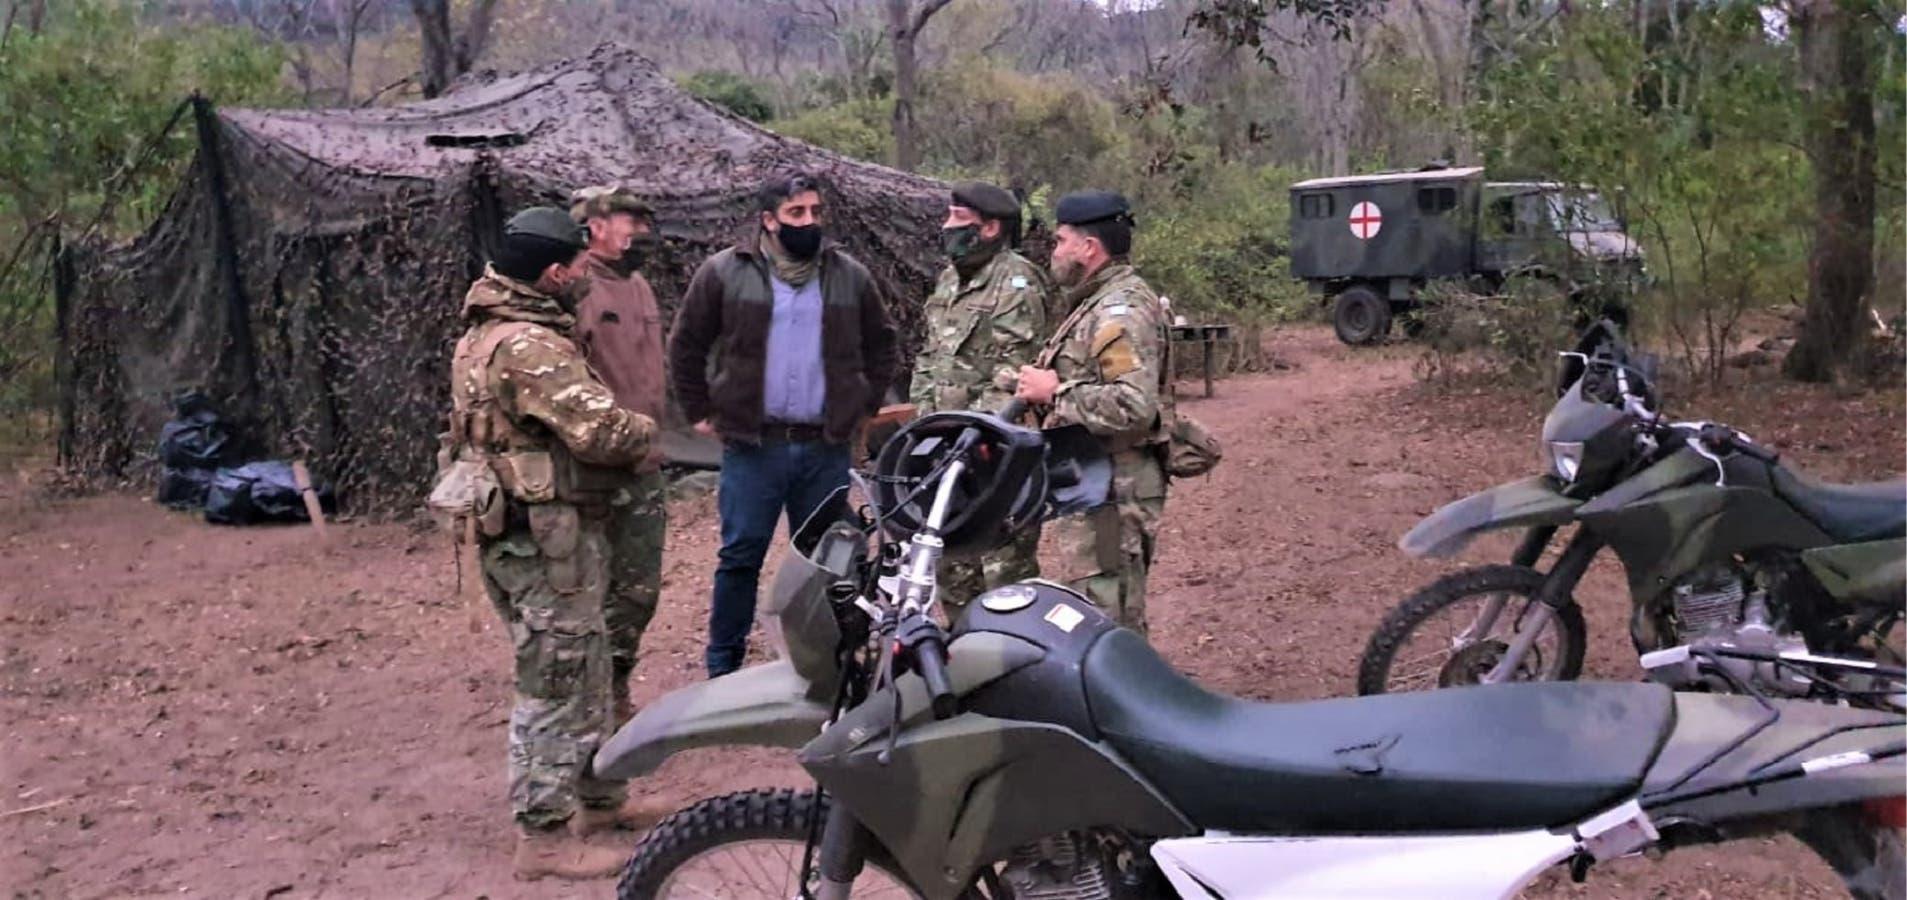 Reunión entre funcionarios salteños y jefes militares en un vivac de las tropas del Ejército desplegadas en la frontera